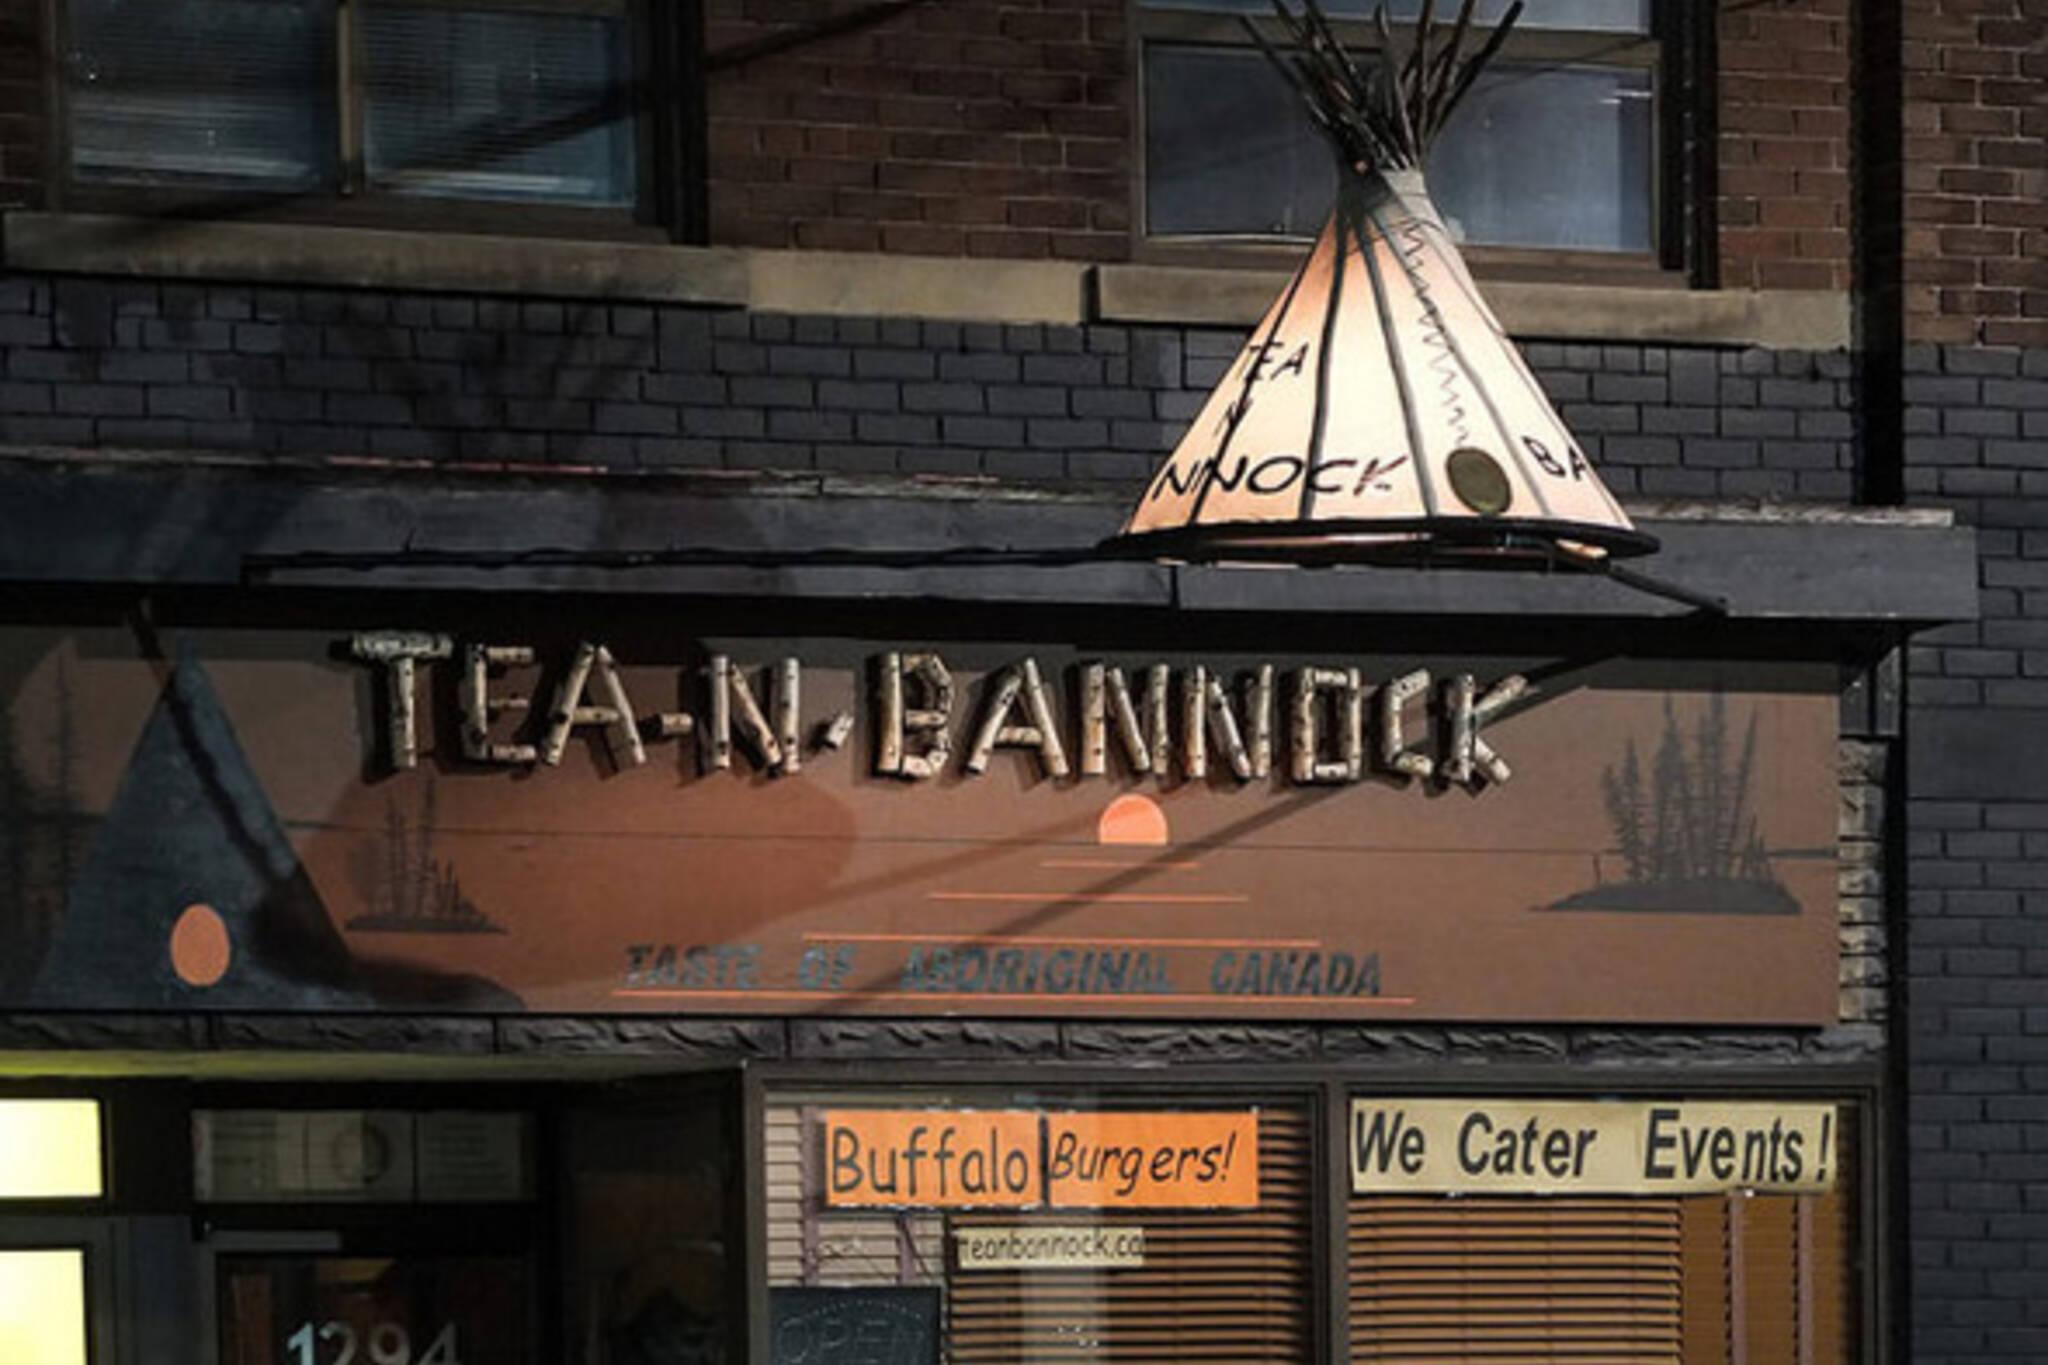 tea n bannock